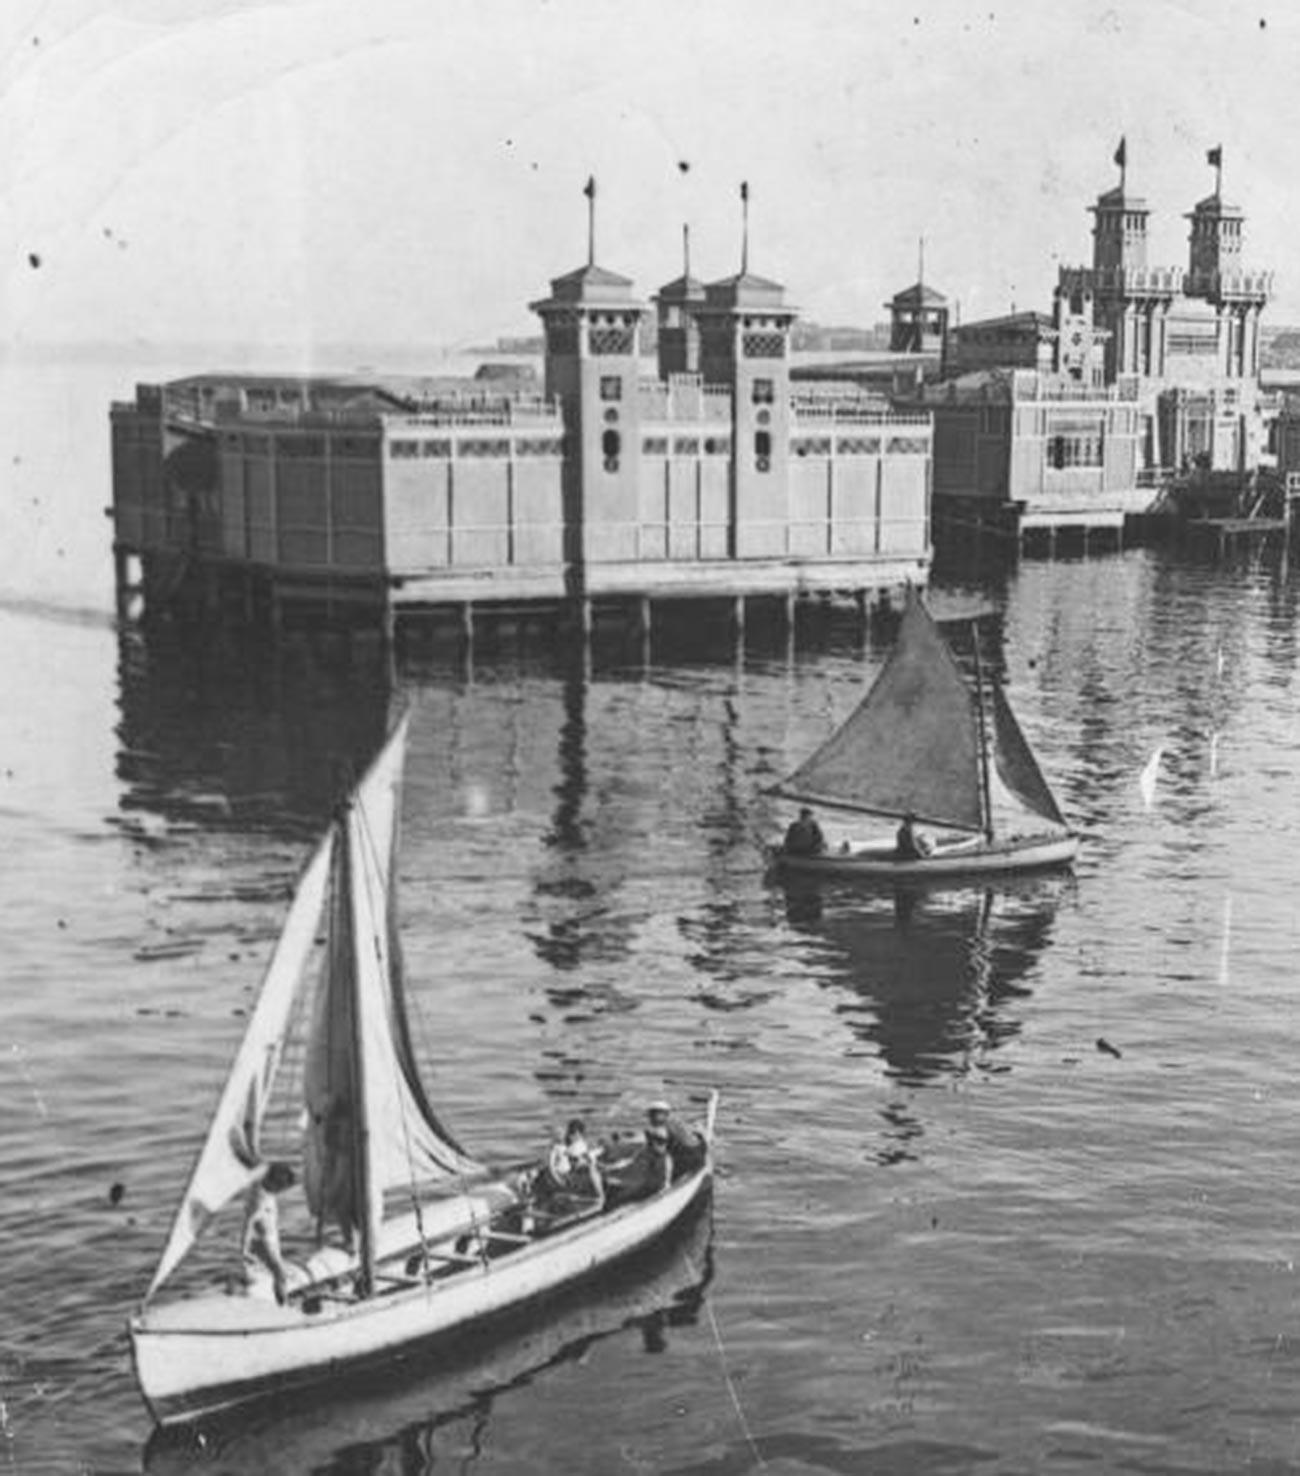 Bateaux à voile en 1935